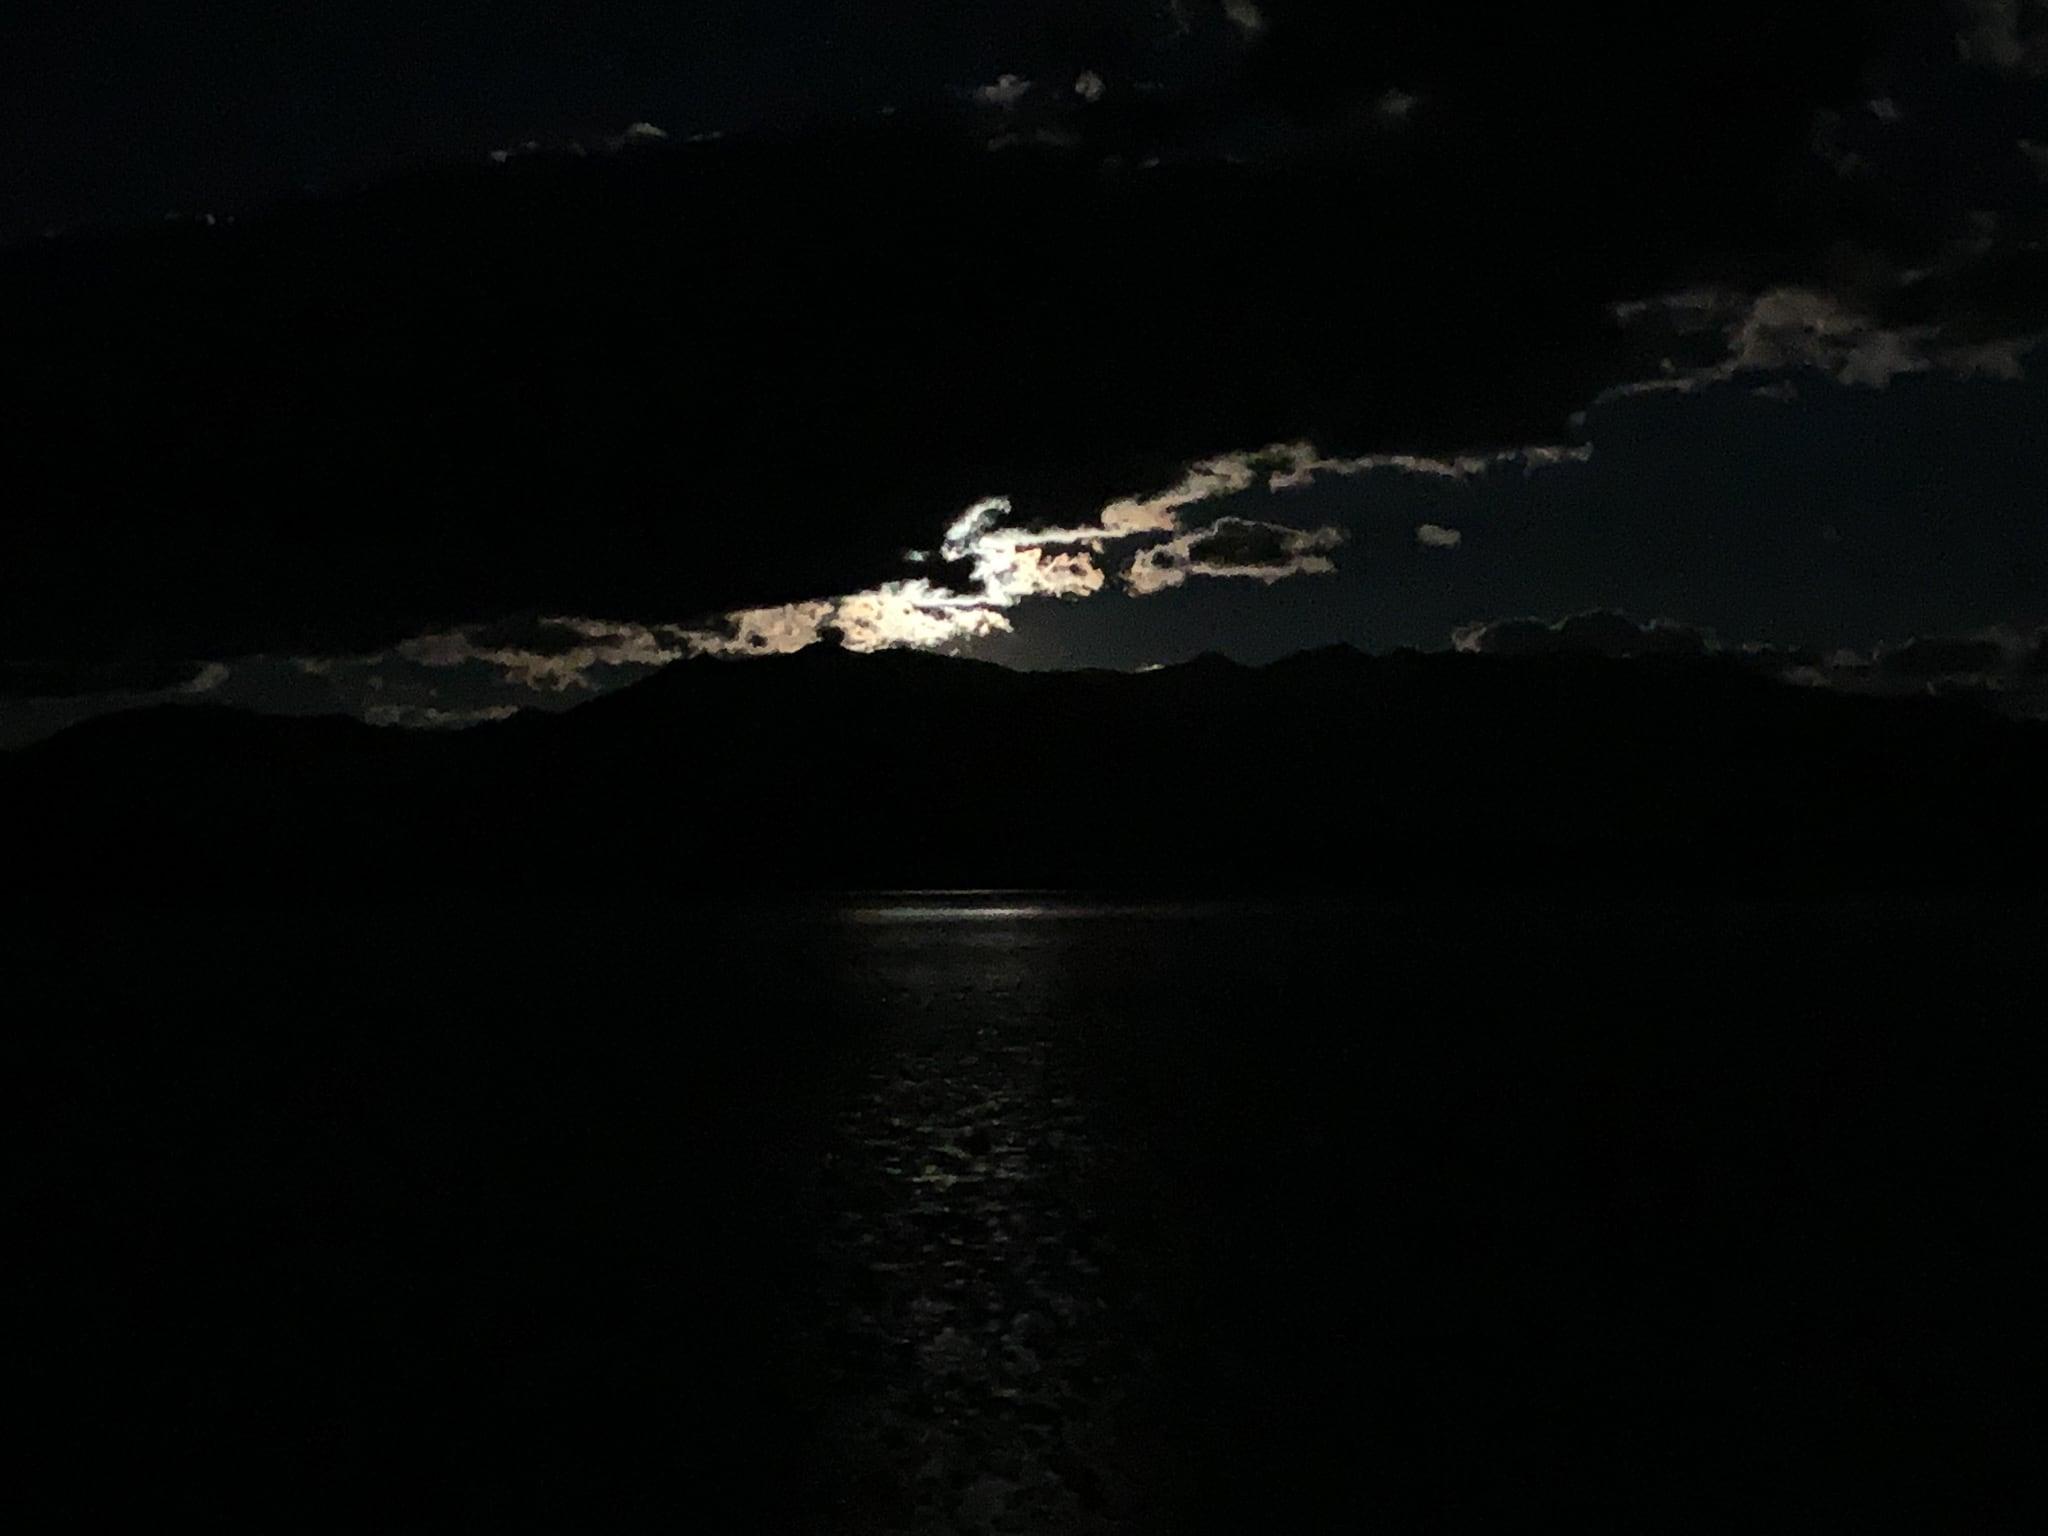 675: Moongazing